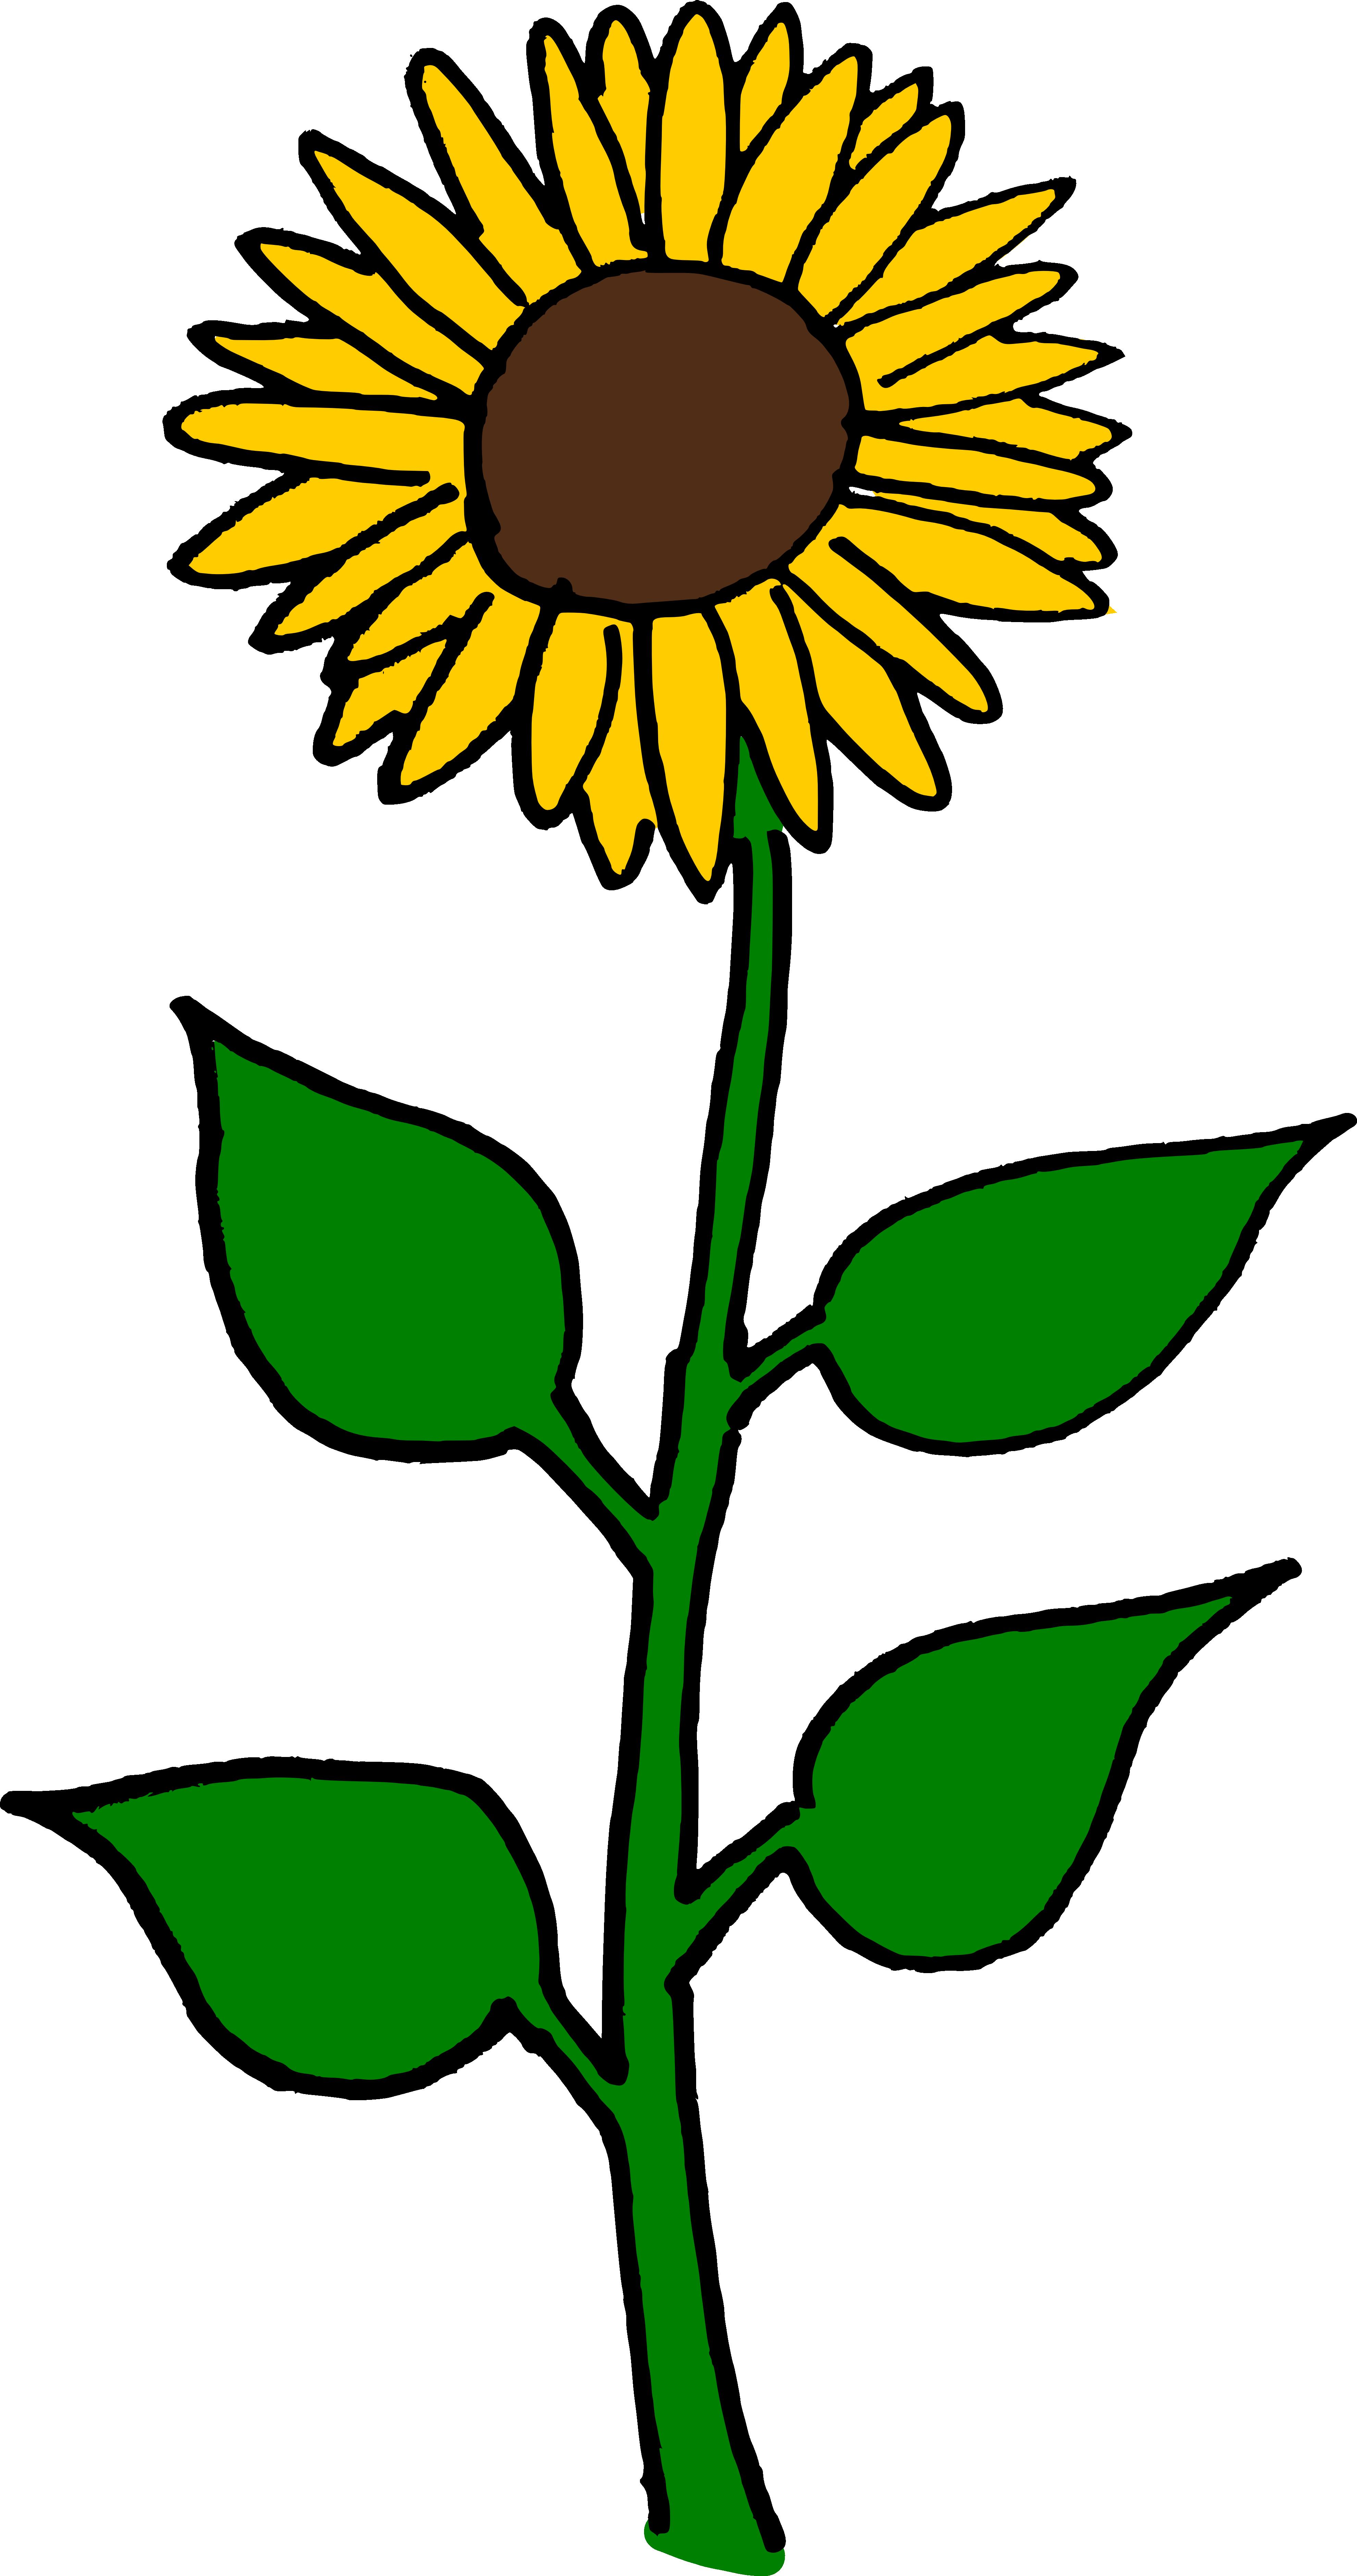 Flower Clipart Sunflower - Sun Flowers Clip Art - Png ...